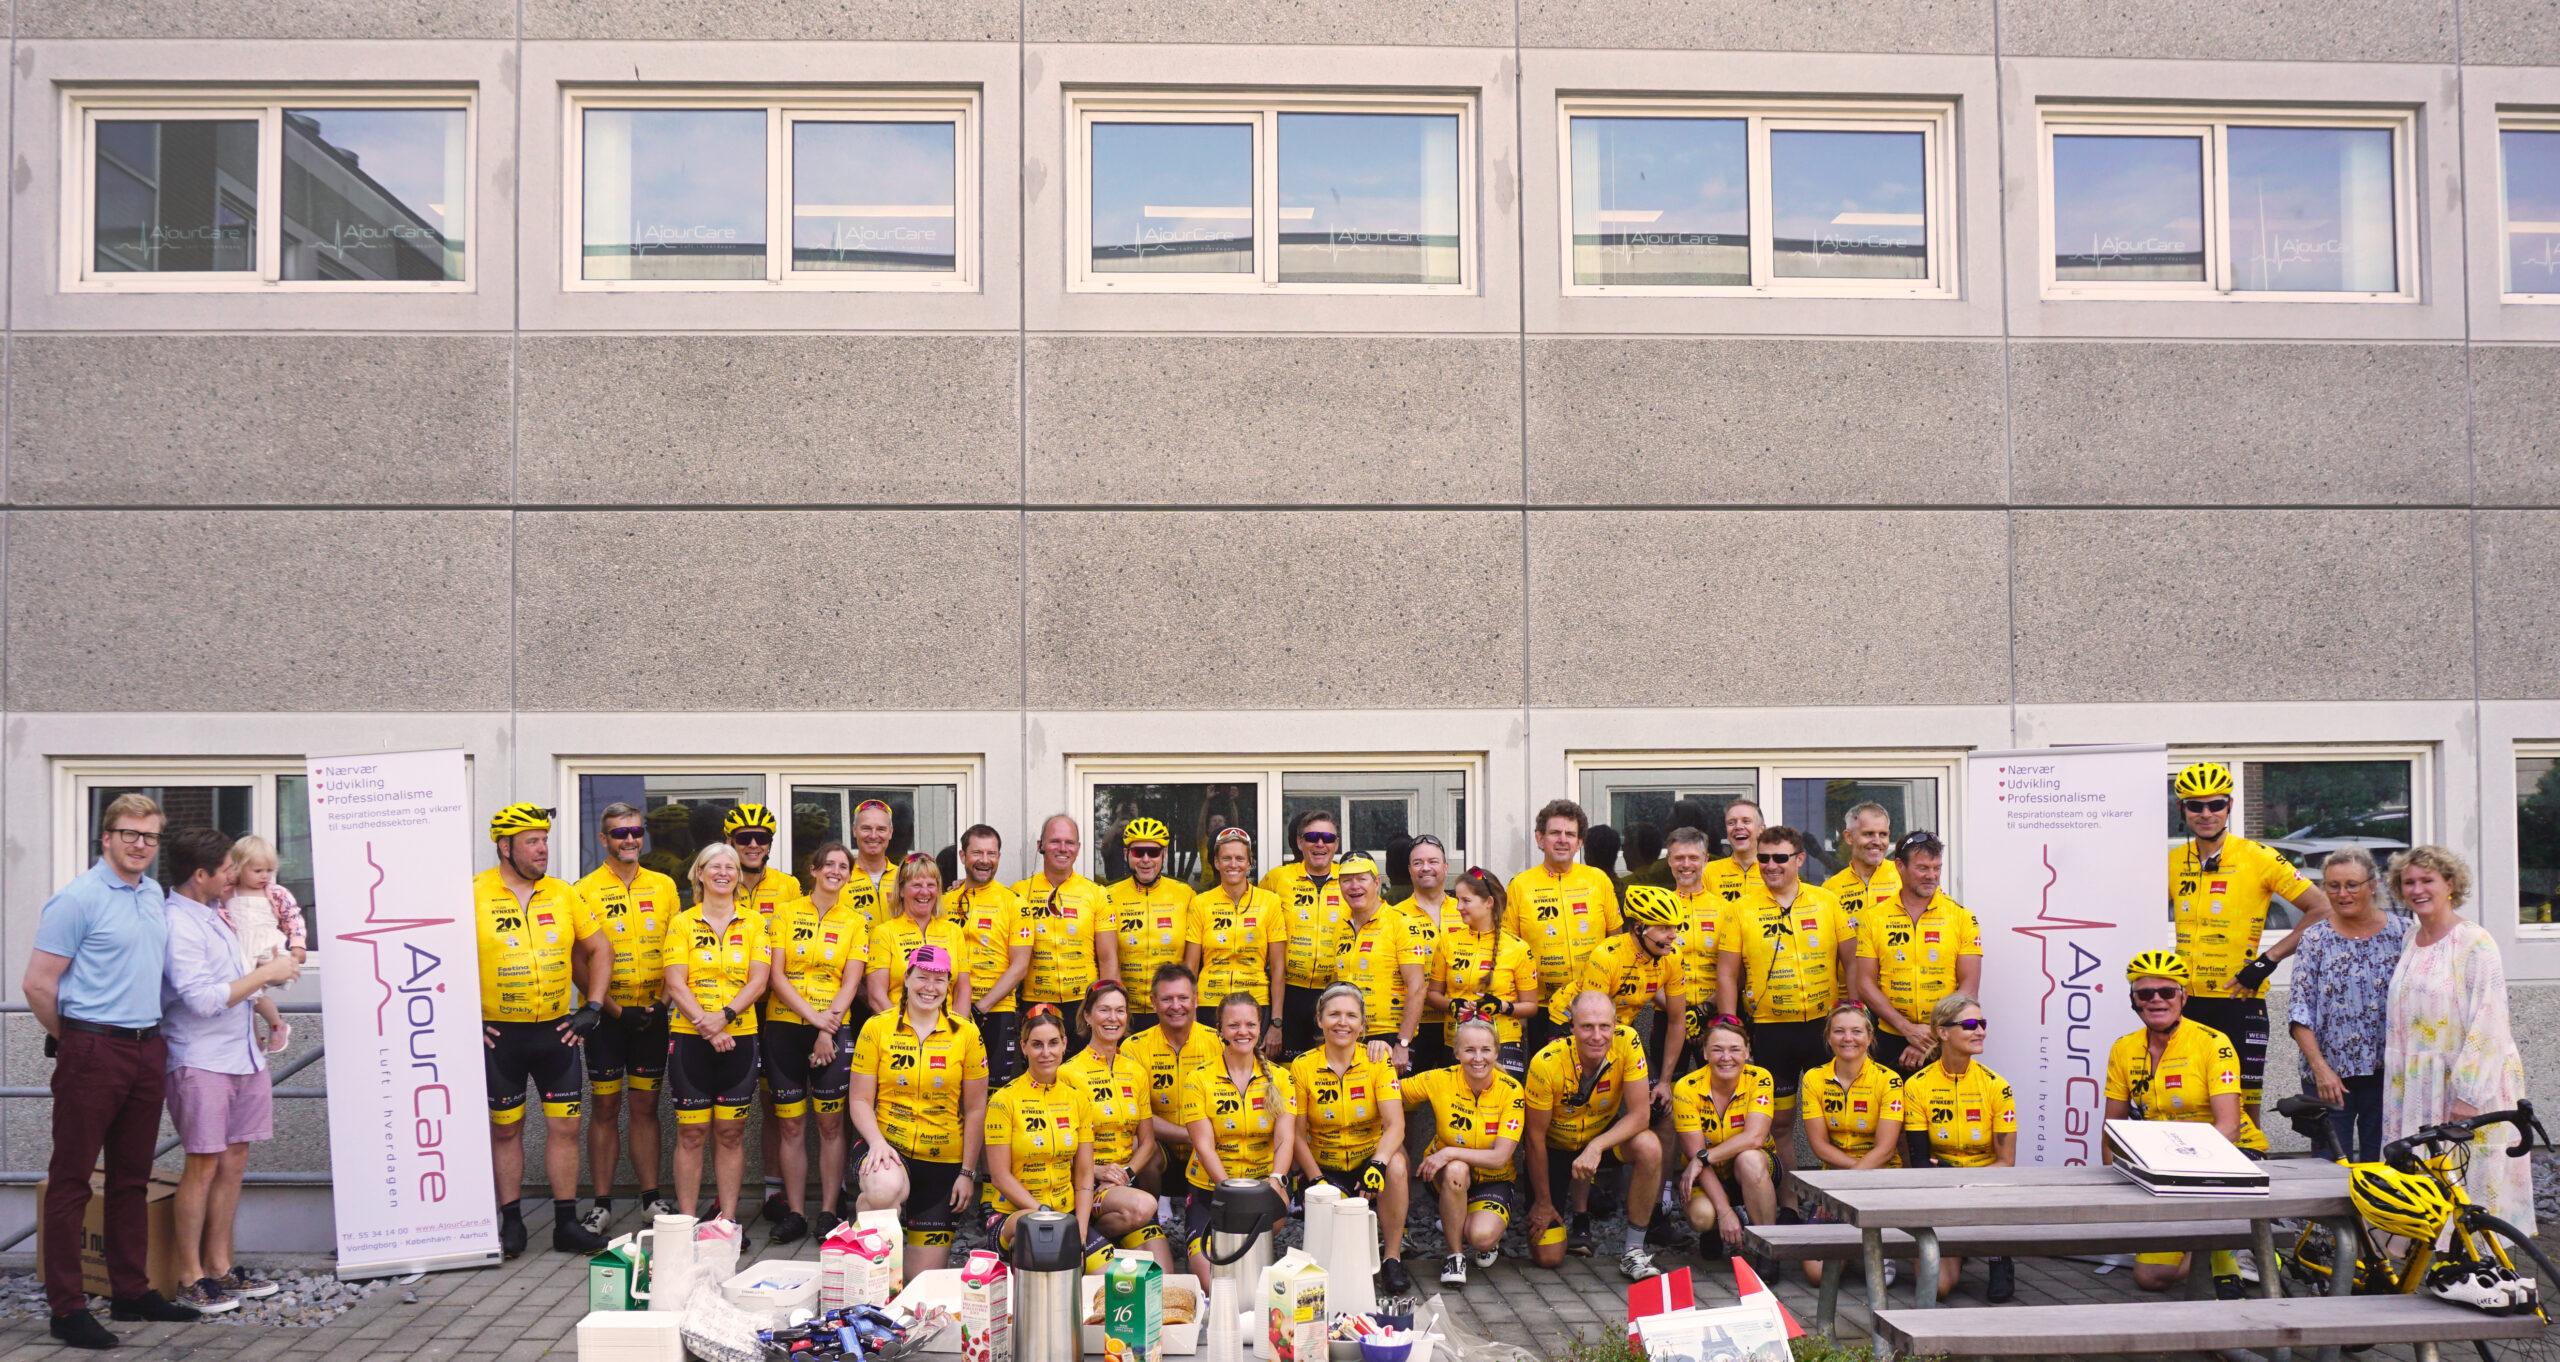 Tak for besøget Team Rynkeby Øresund